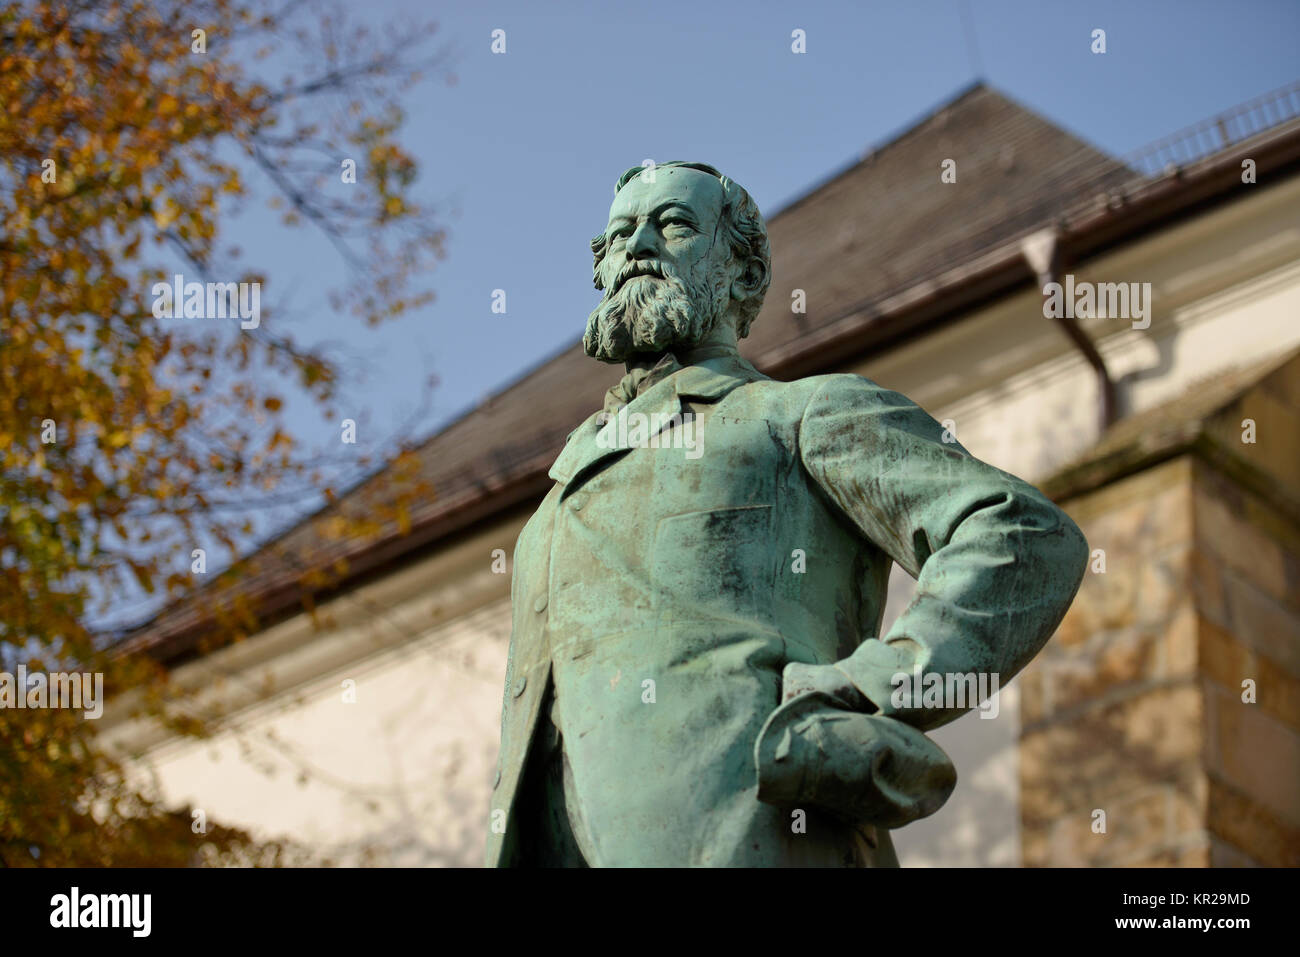 Alfred groppa monumento, mercato, cibo, Renania settentrionale-Vestfalia, Germania, Alfred-Krupp-Denkmal, Markt, Immagini Stock